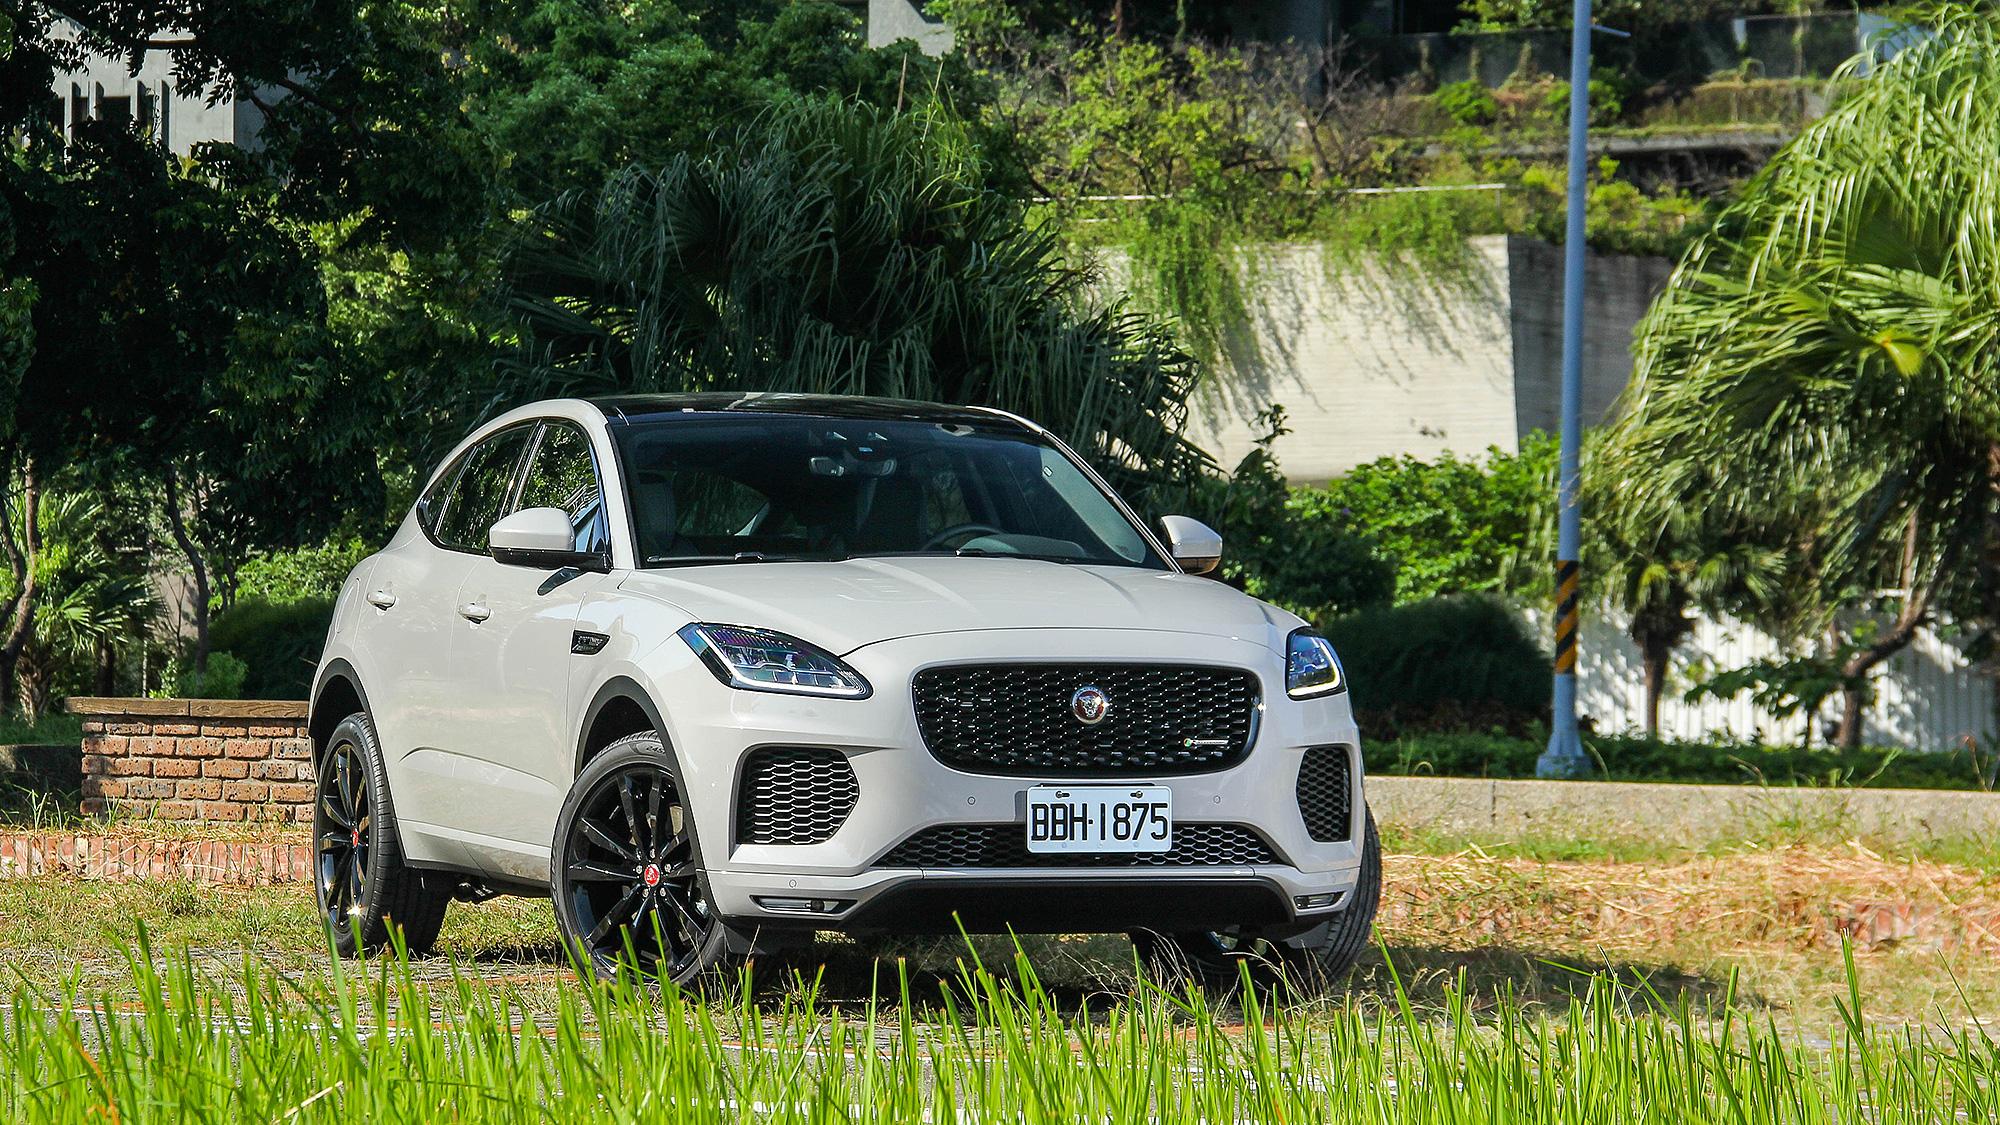 新年式 Jaguar E-Pace 幼豹升級很可以,只是時間點稍晚了些